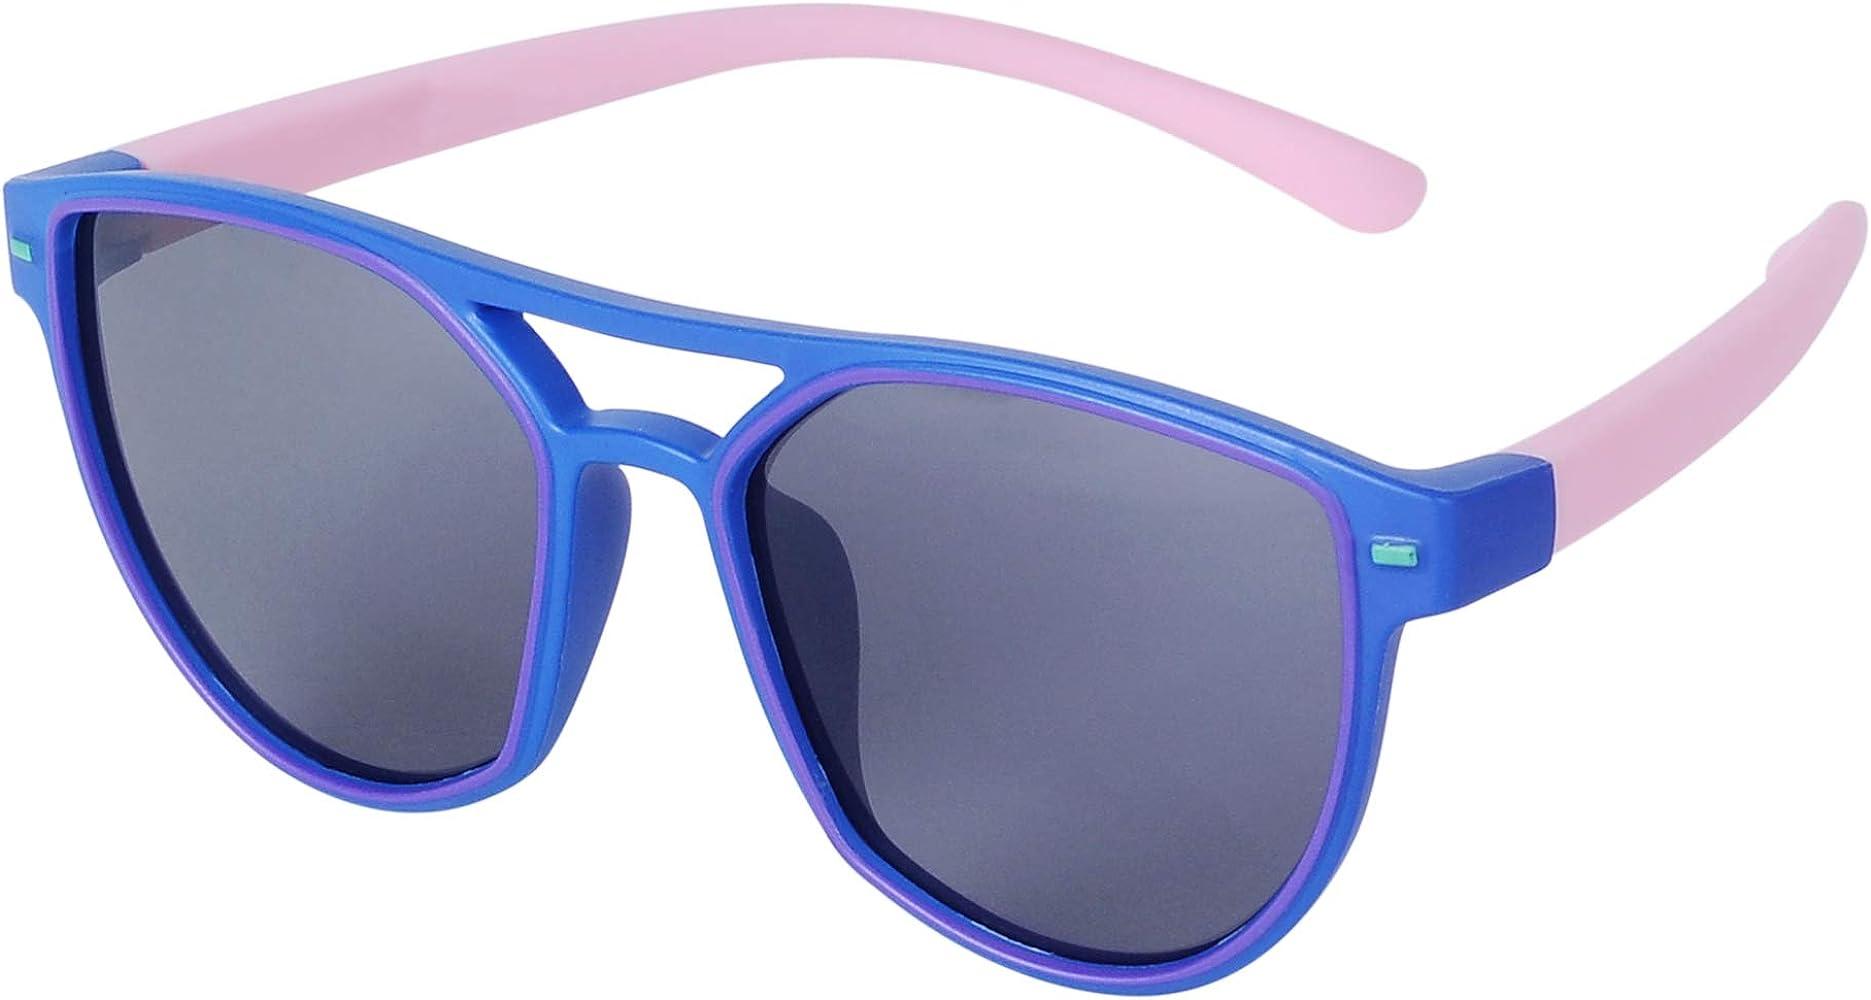 JoXiGo Gafas de Sol Polarizadas Flexible Niño y Niña (3-10 ...